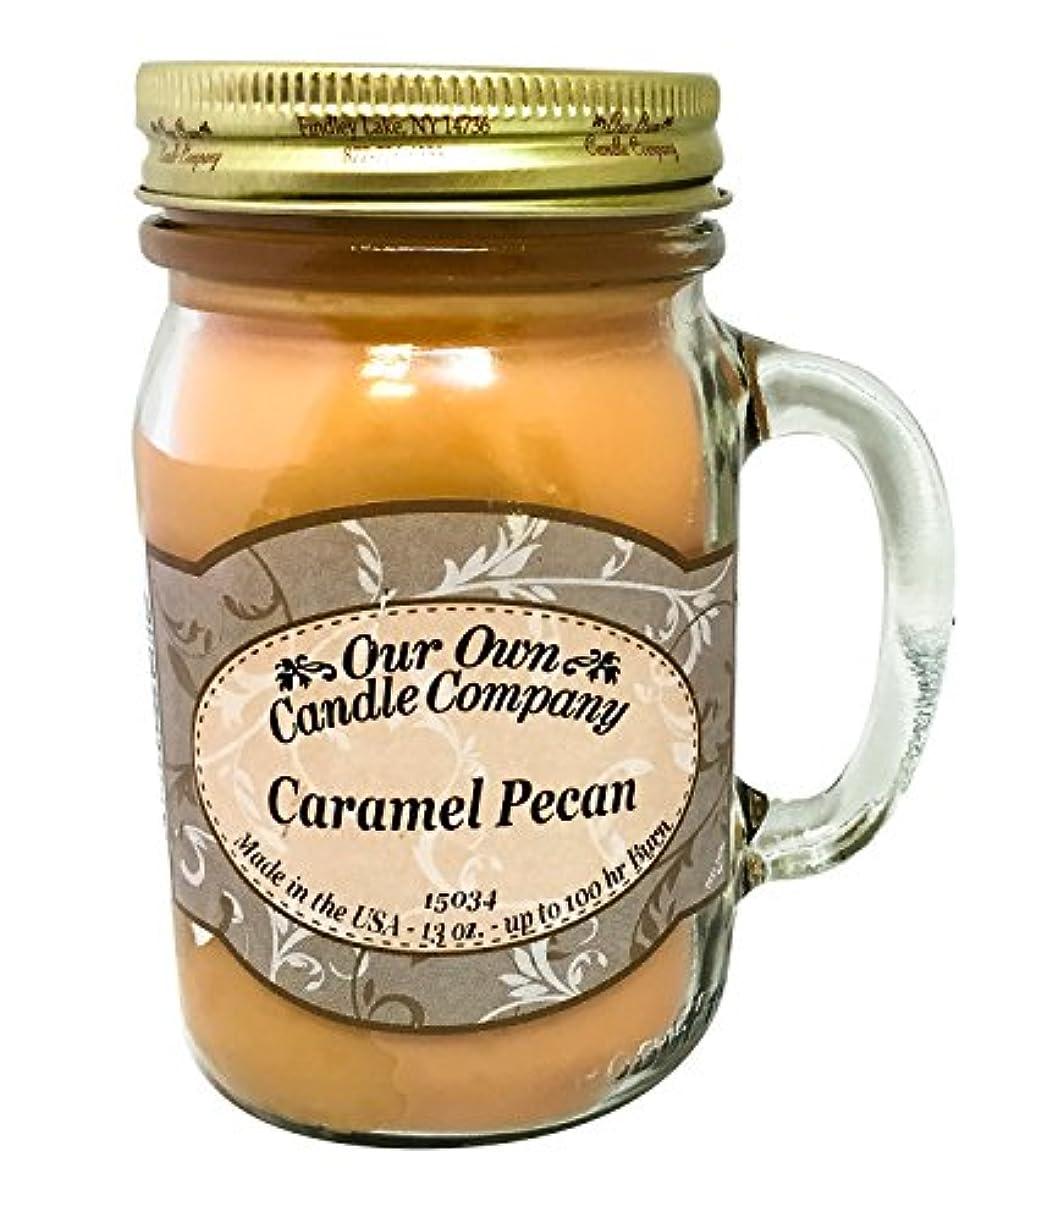 アロマキャンドル メイソンジャー キャラメルピーカン ビッグ Our Own Candle Company Caramel Pecan big